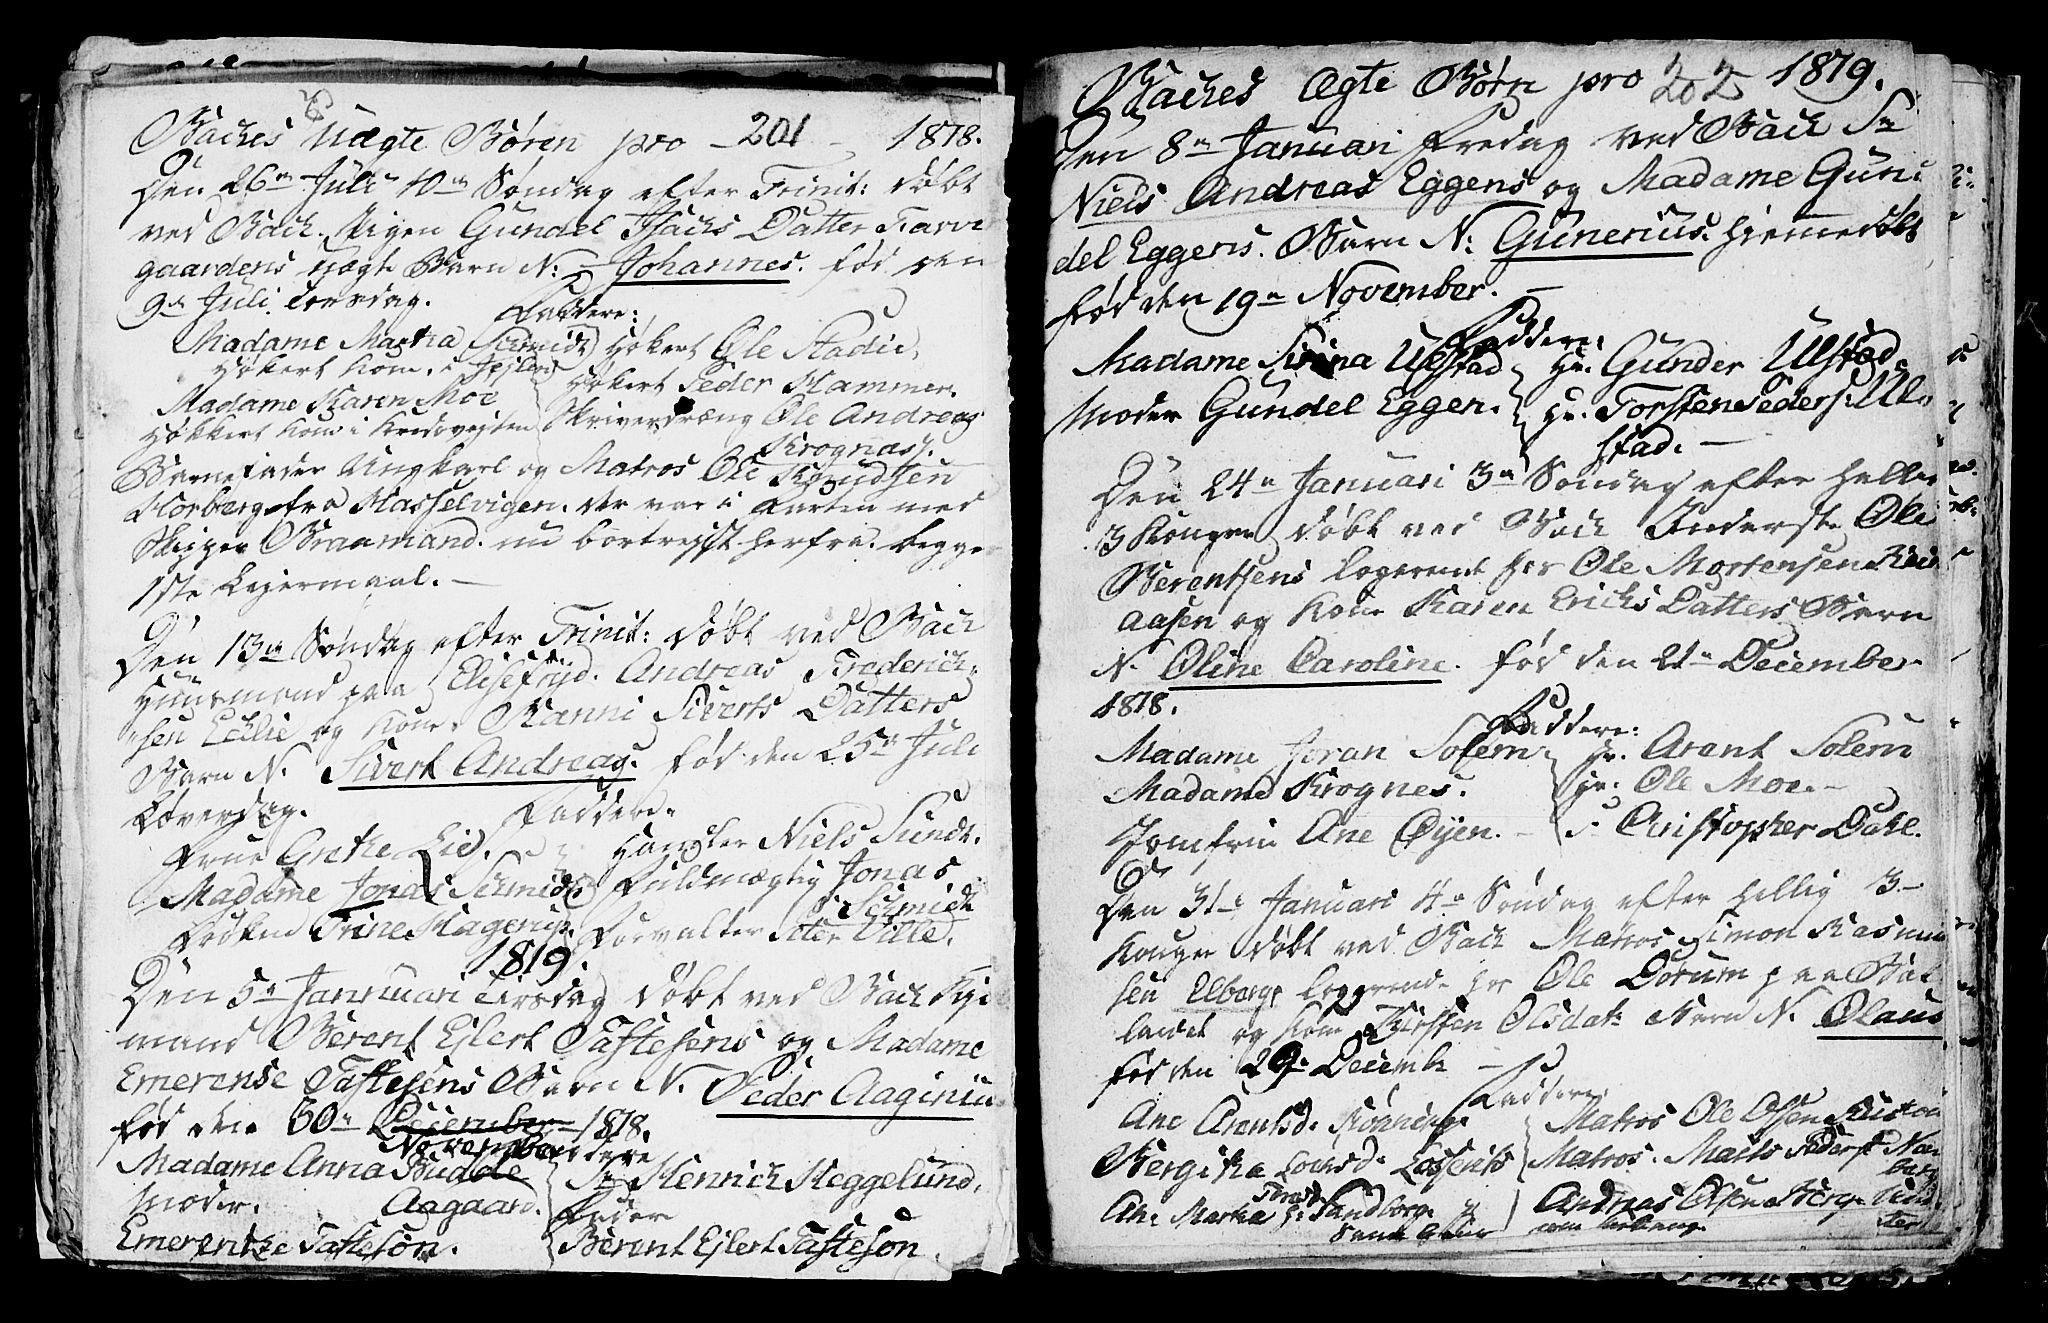 SAT, Ministerialprotokoller, klokkerbøker og fødselsregistre - Sør-Trøndelag, 604/L0218: Klokkerbok nr. 604C01, 1754-1819, s. 201b-202